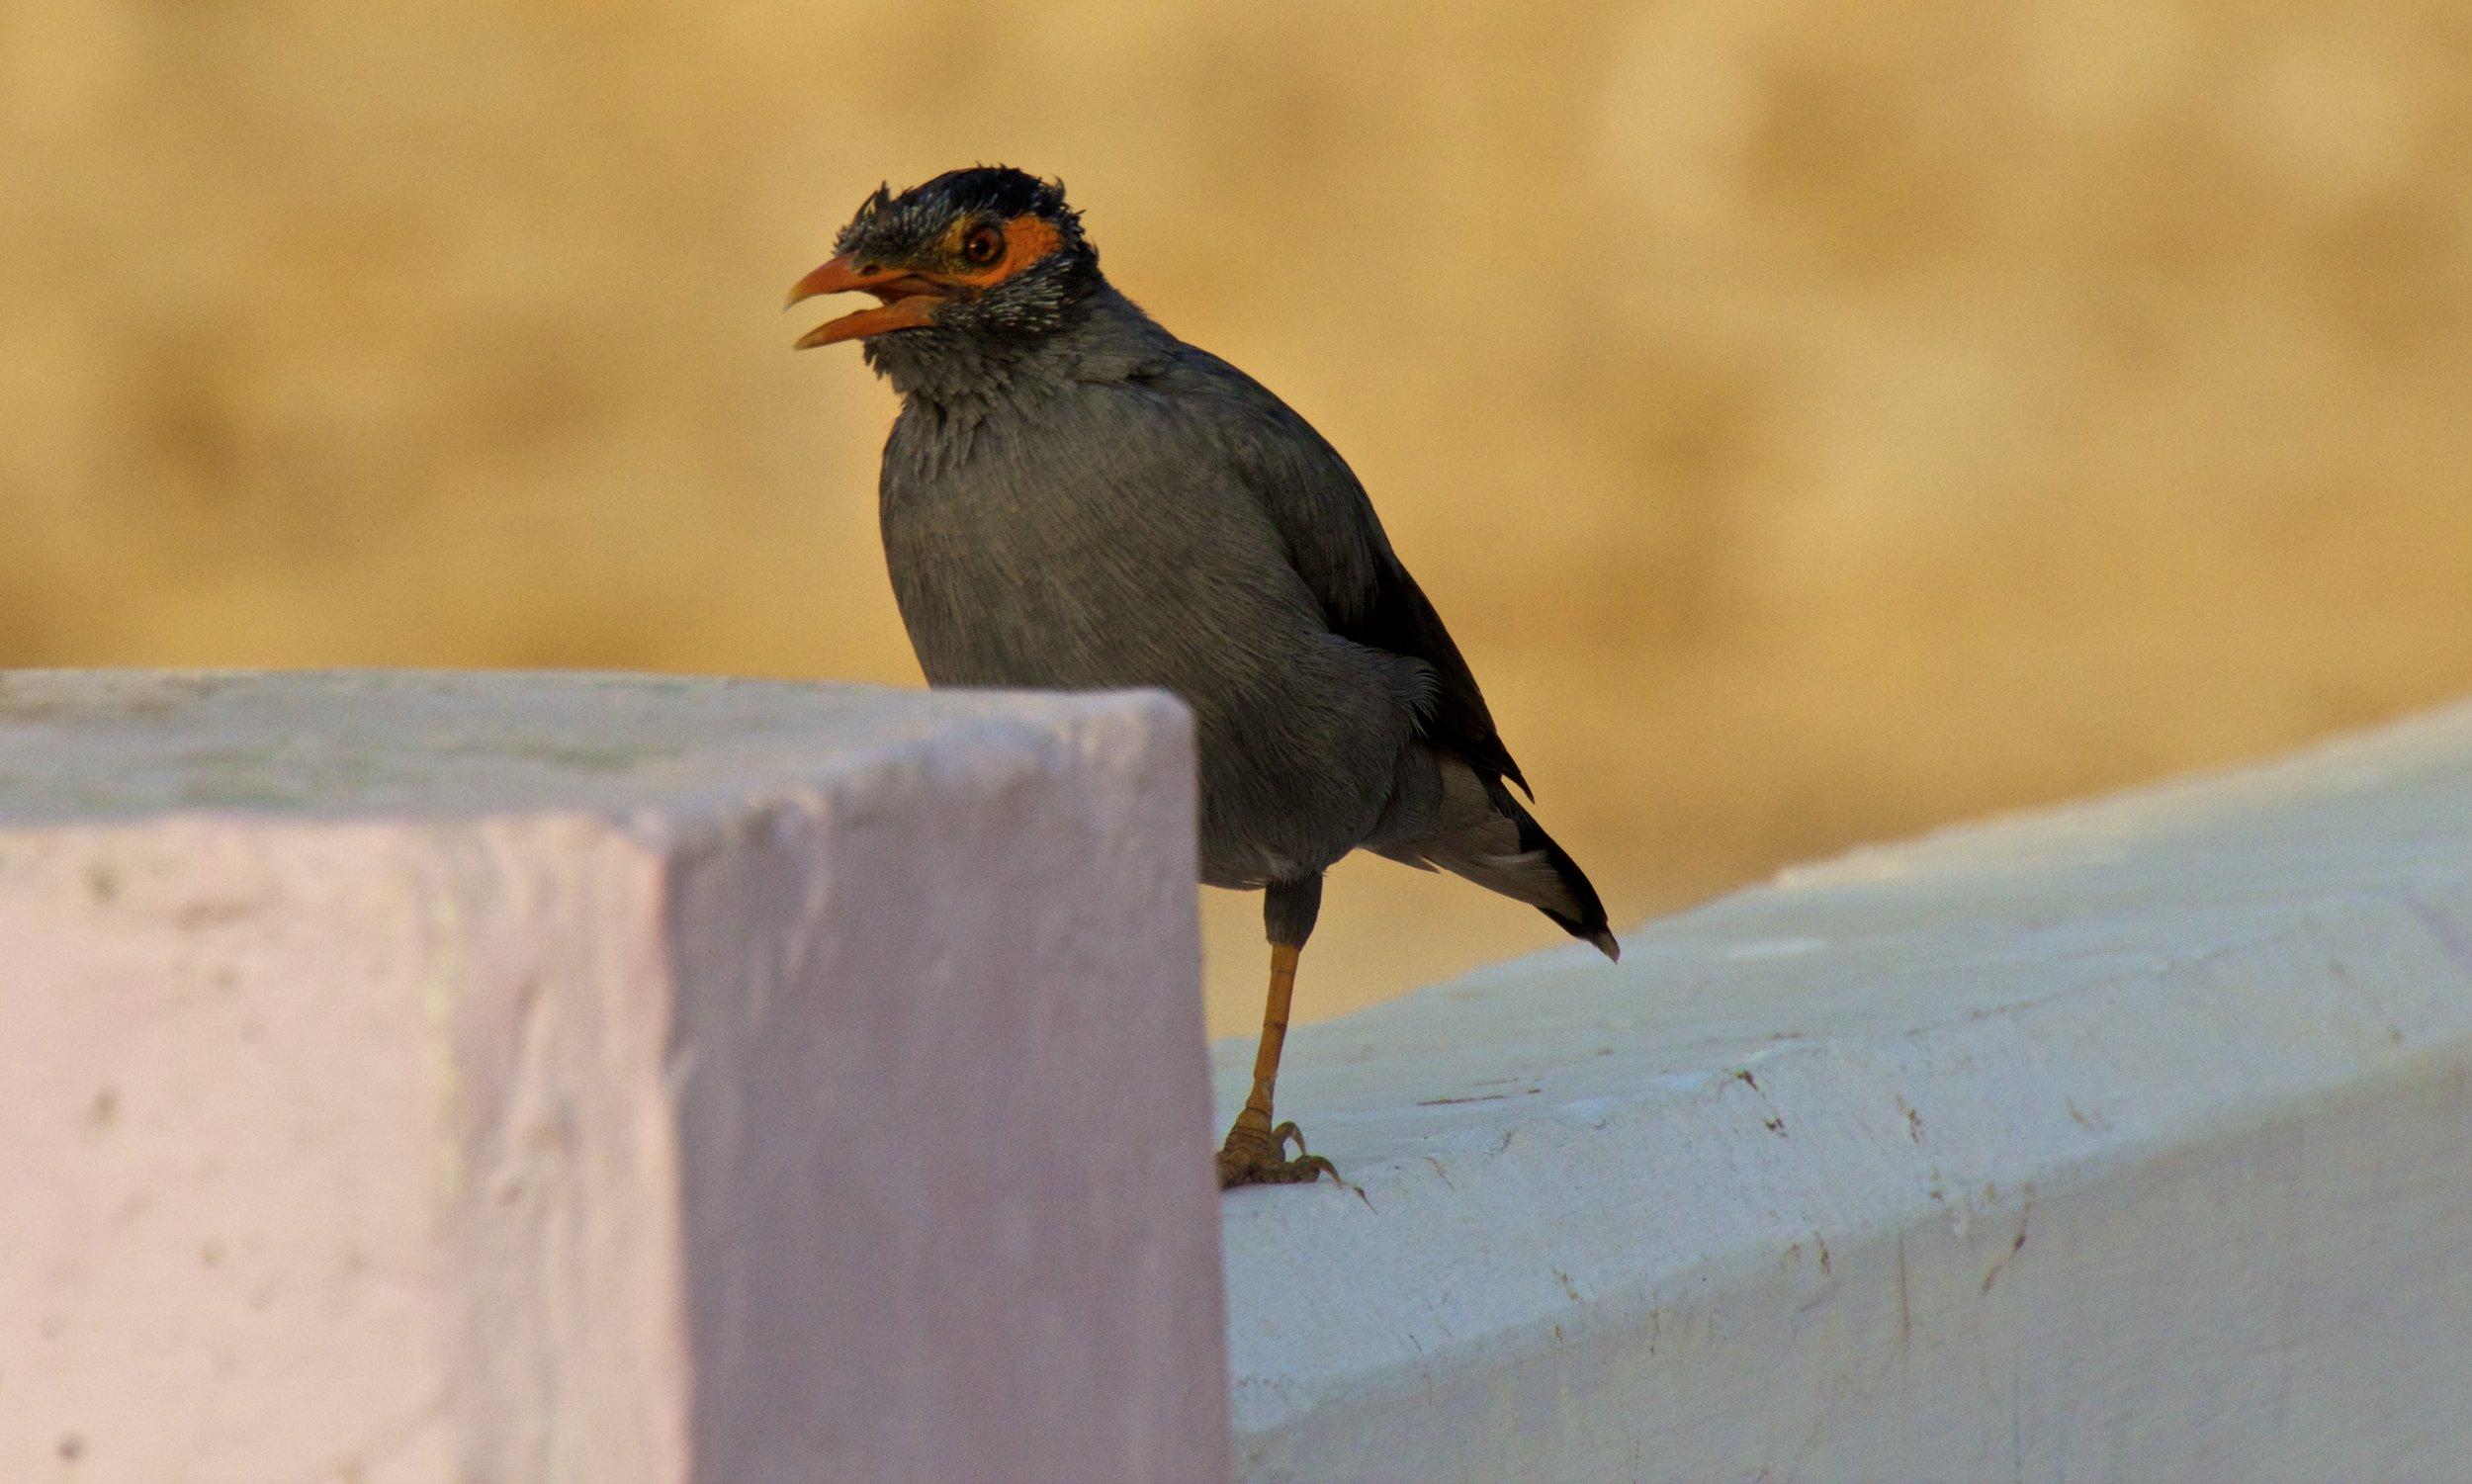 pushkar rajasthan street photography 5.jpg